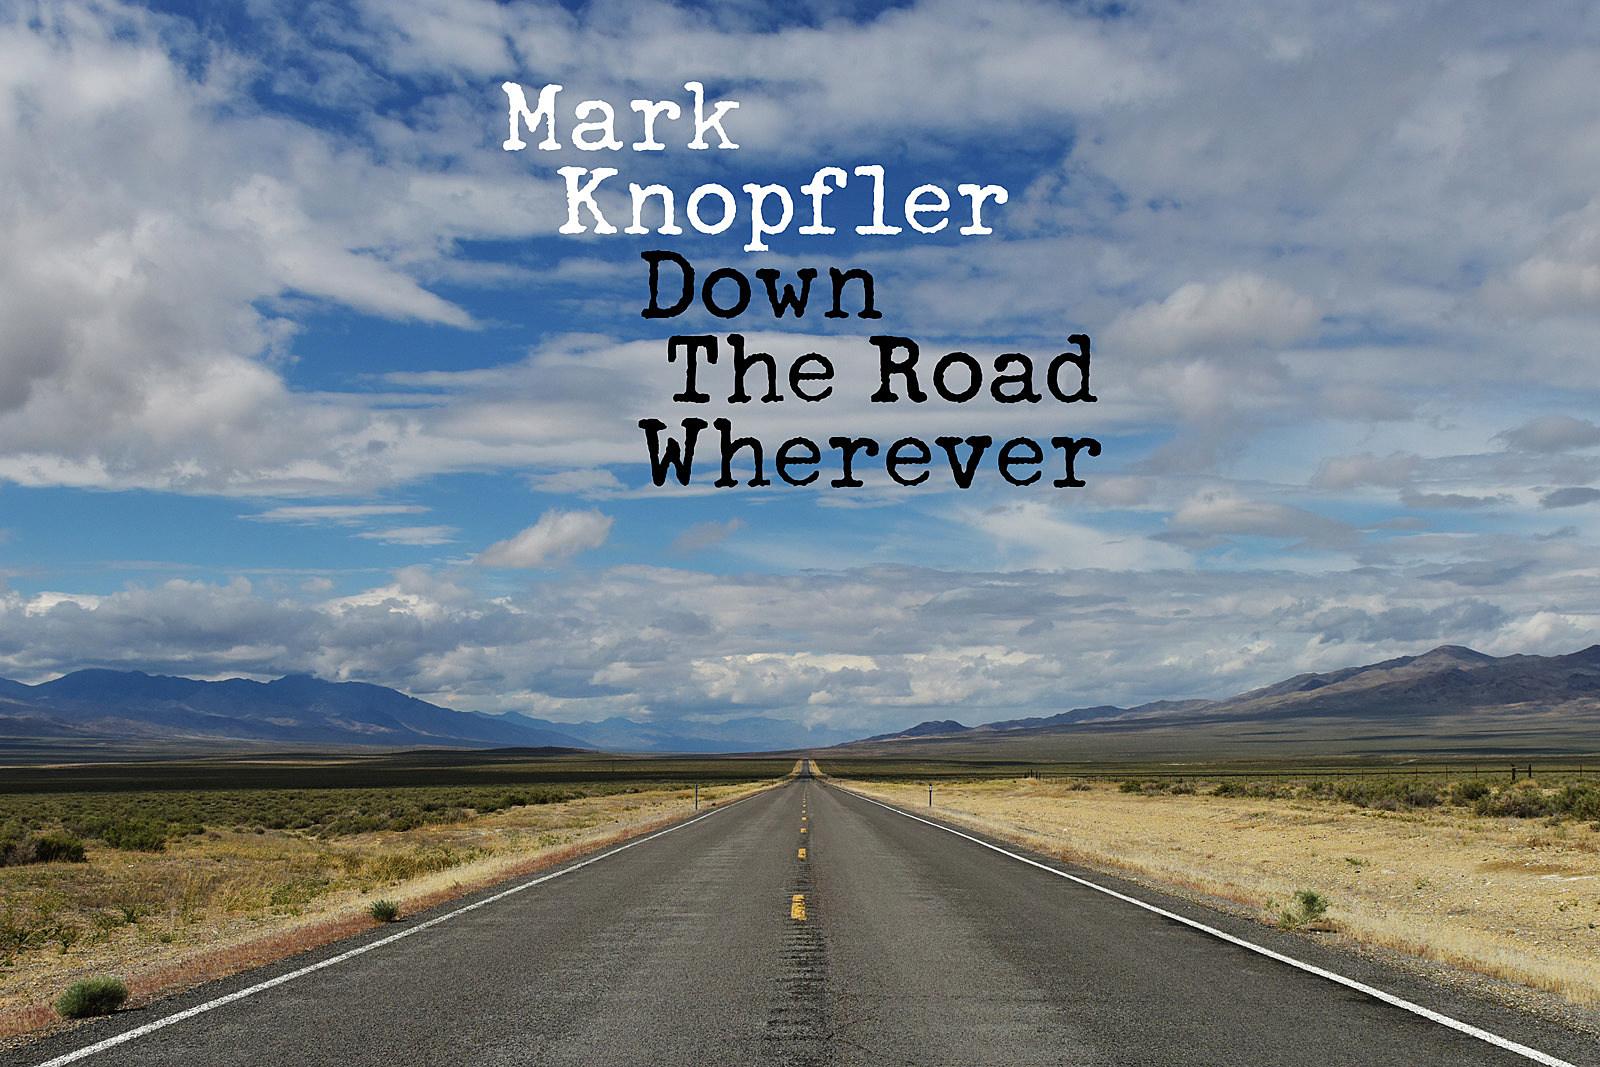 Mark Knopfler Announces New Album, 'Down the Road Wherever'